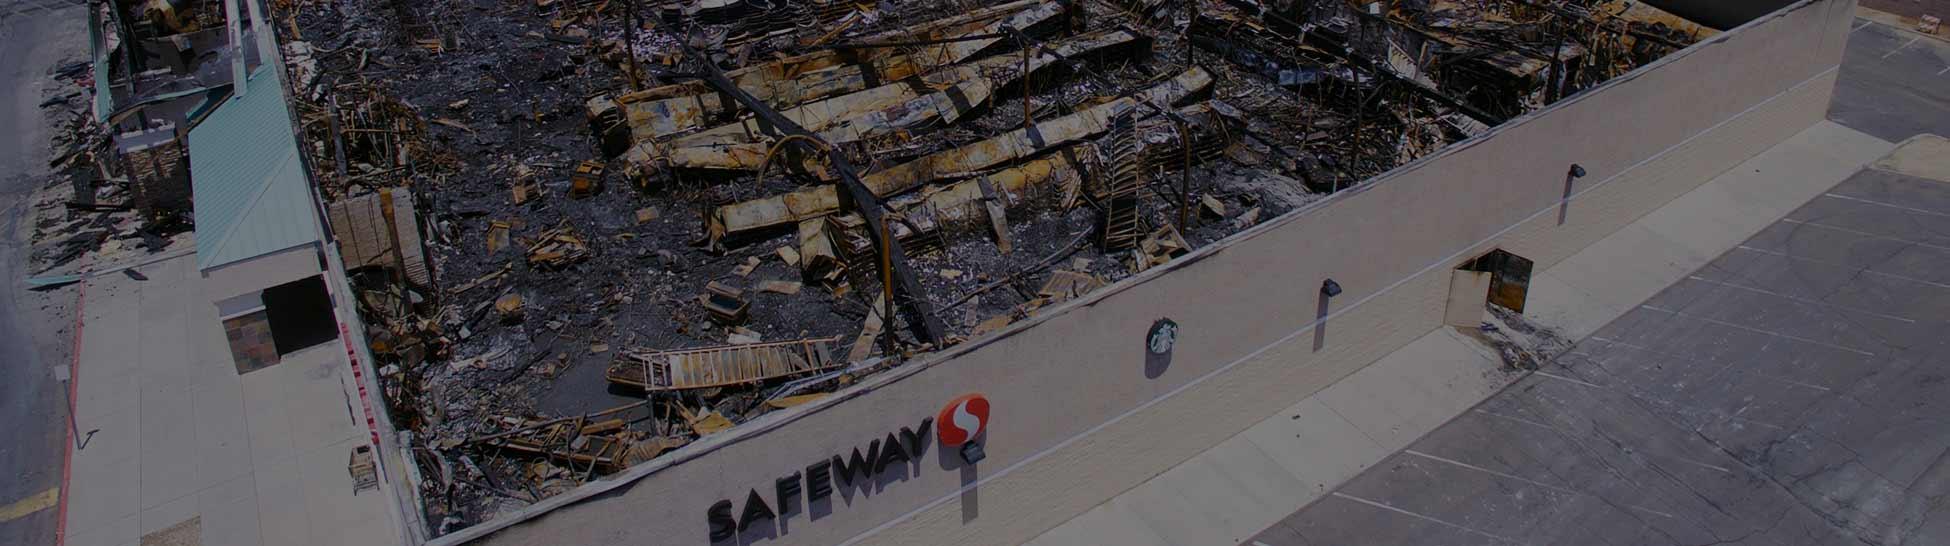 safeway-fire